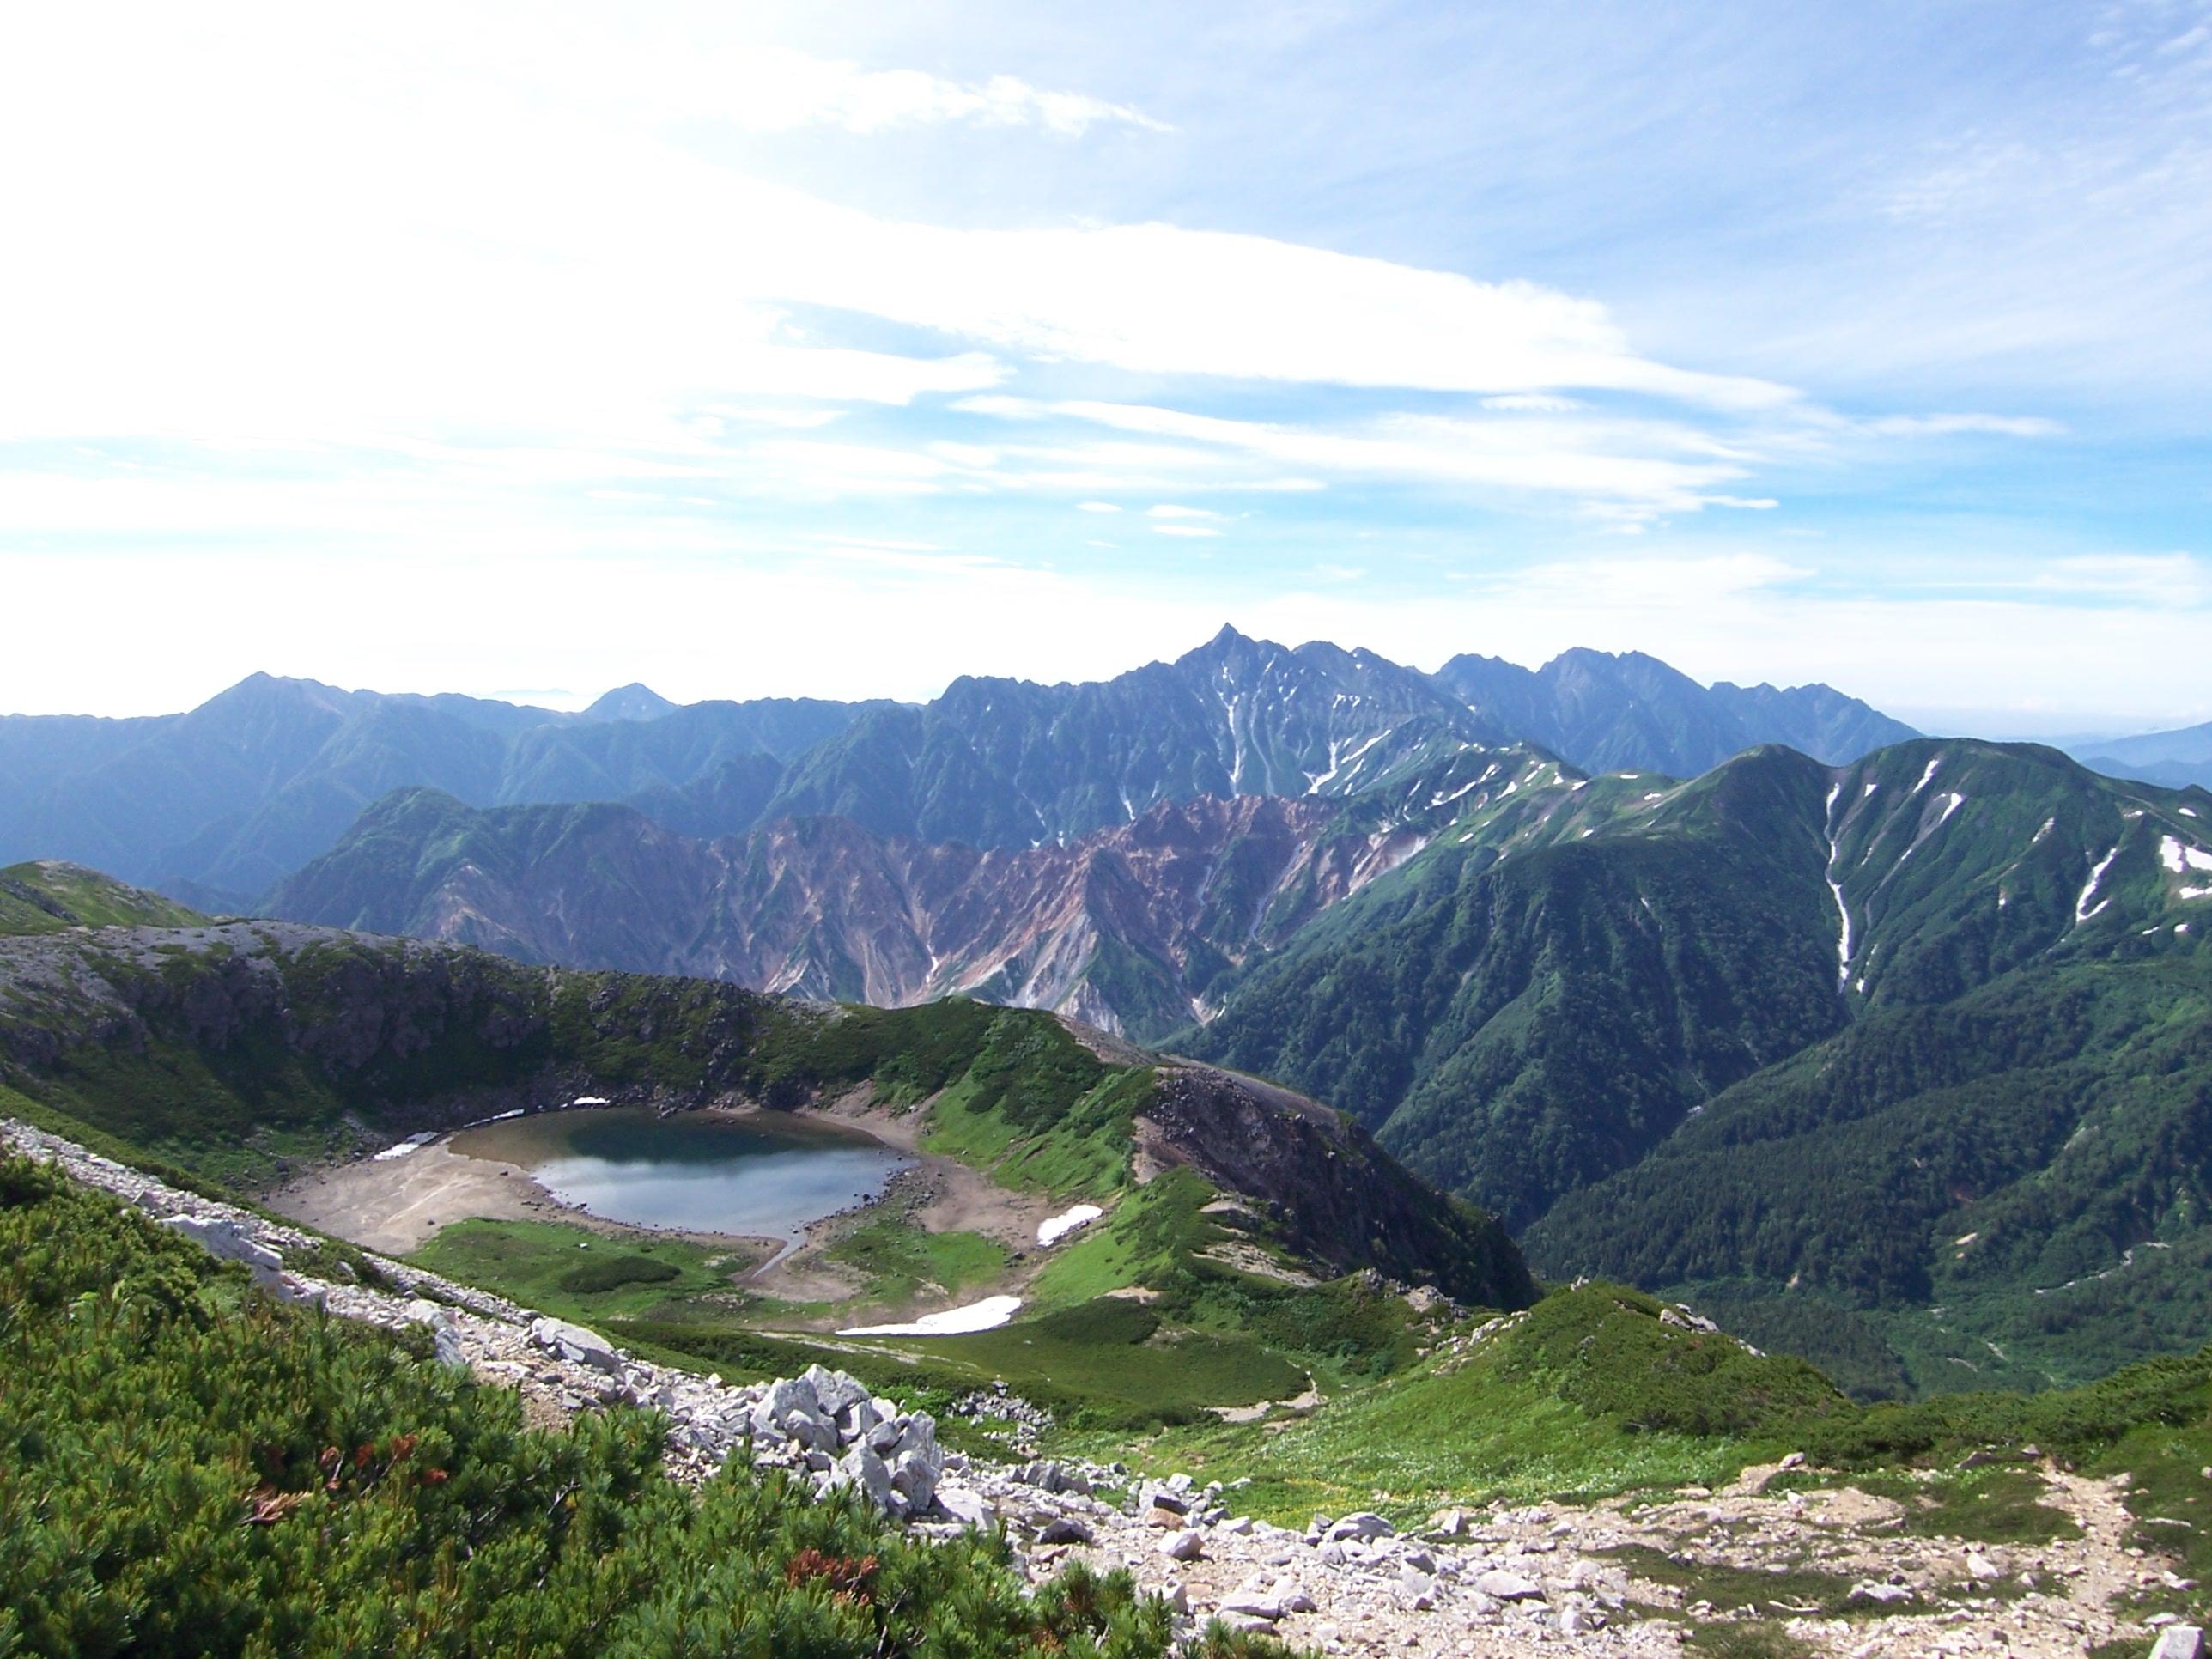 鷲羽岳から鷲羽池越しに見た槍ヶ岳